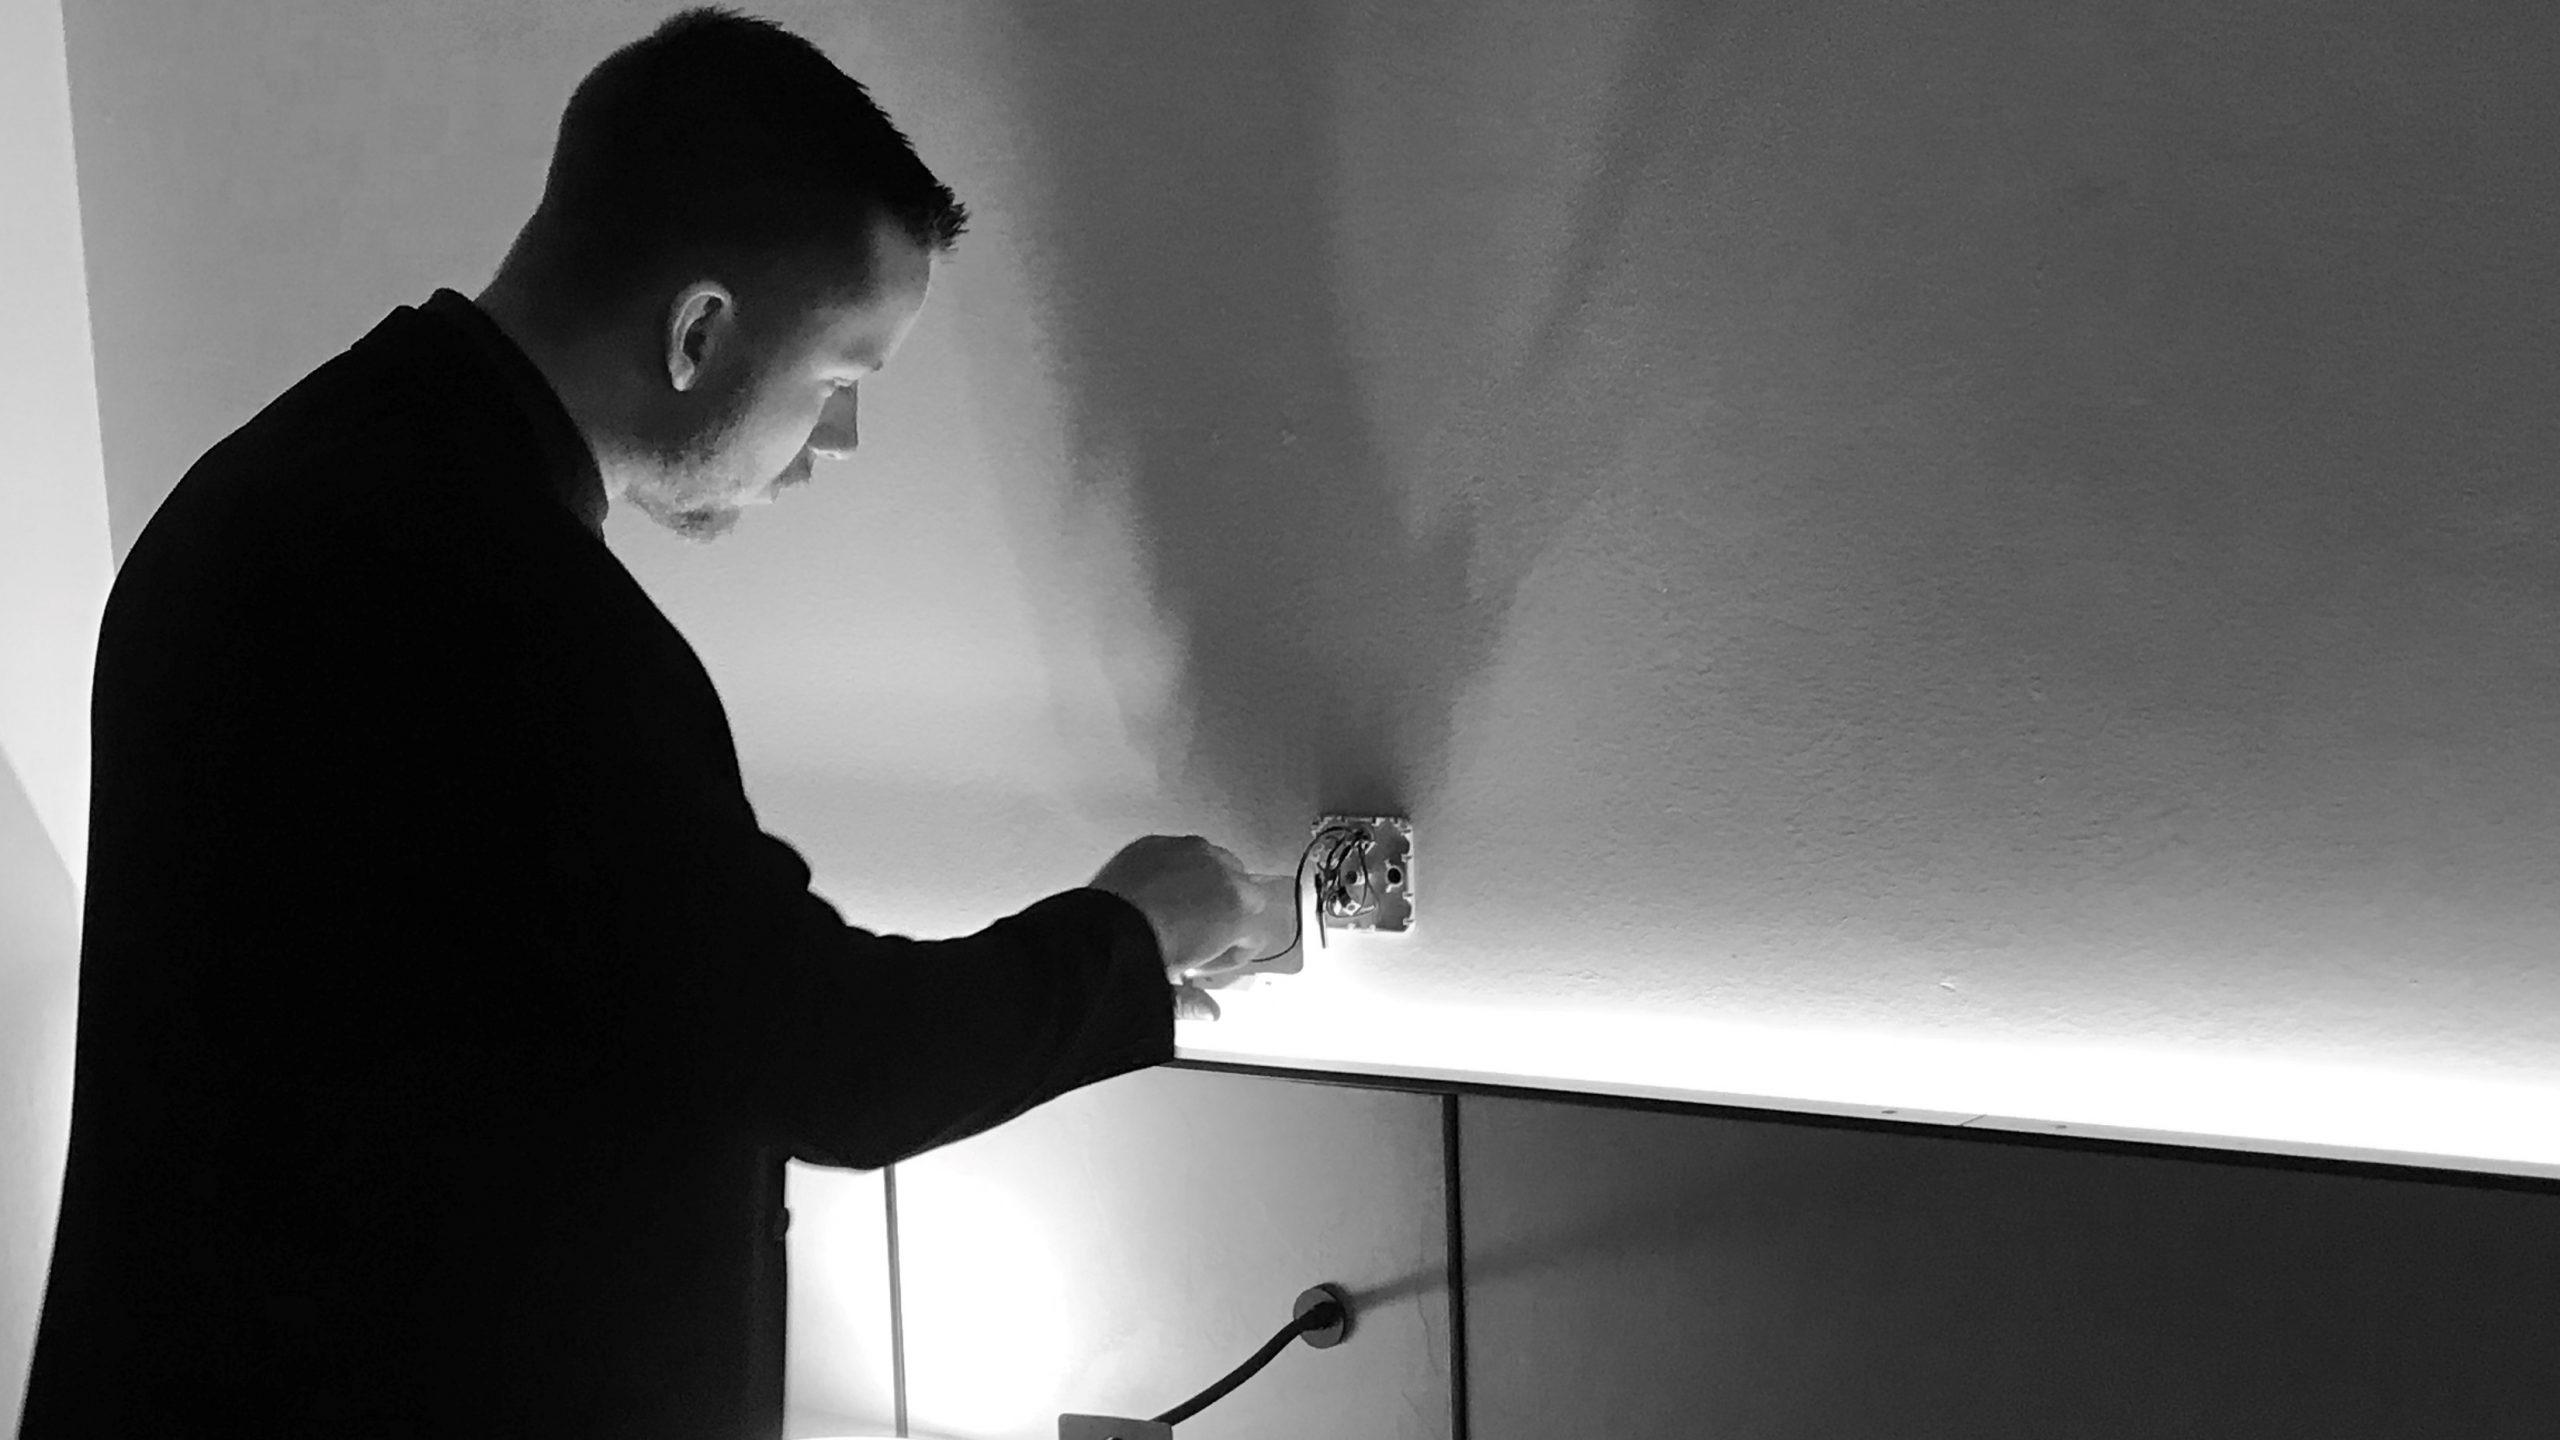 livvagt udføre sweep mod aflytning på hotelværelse